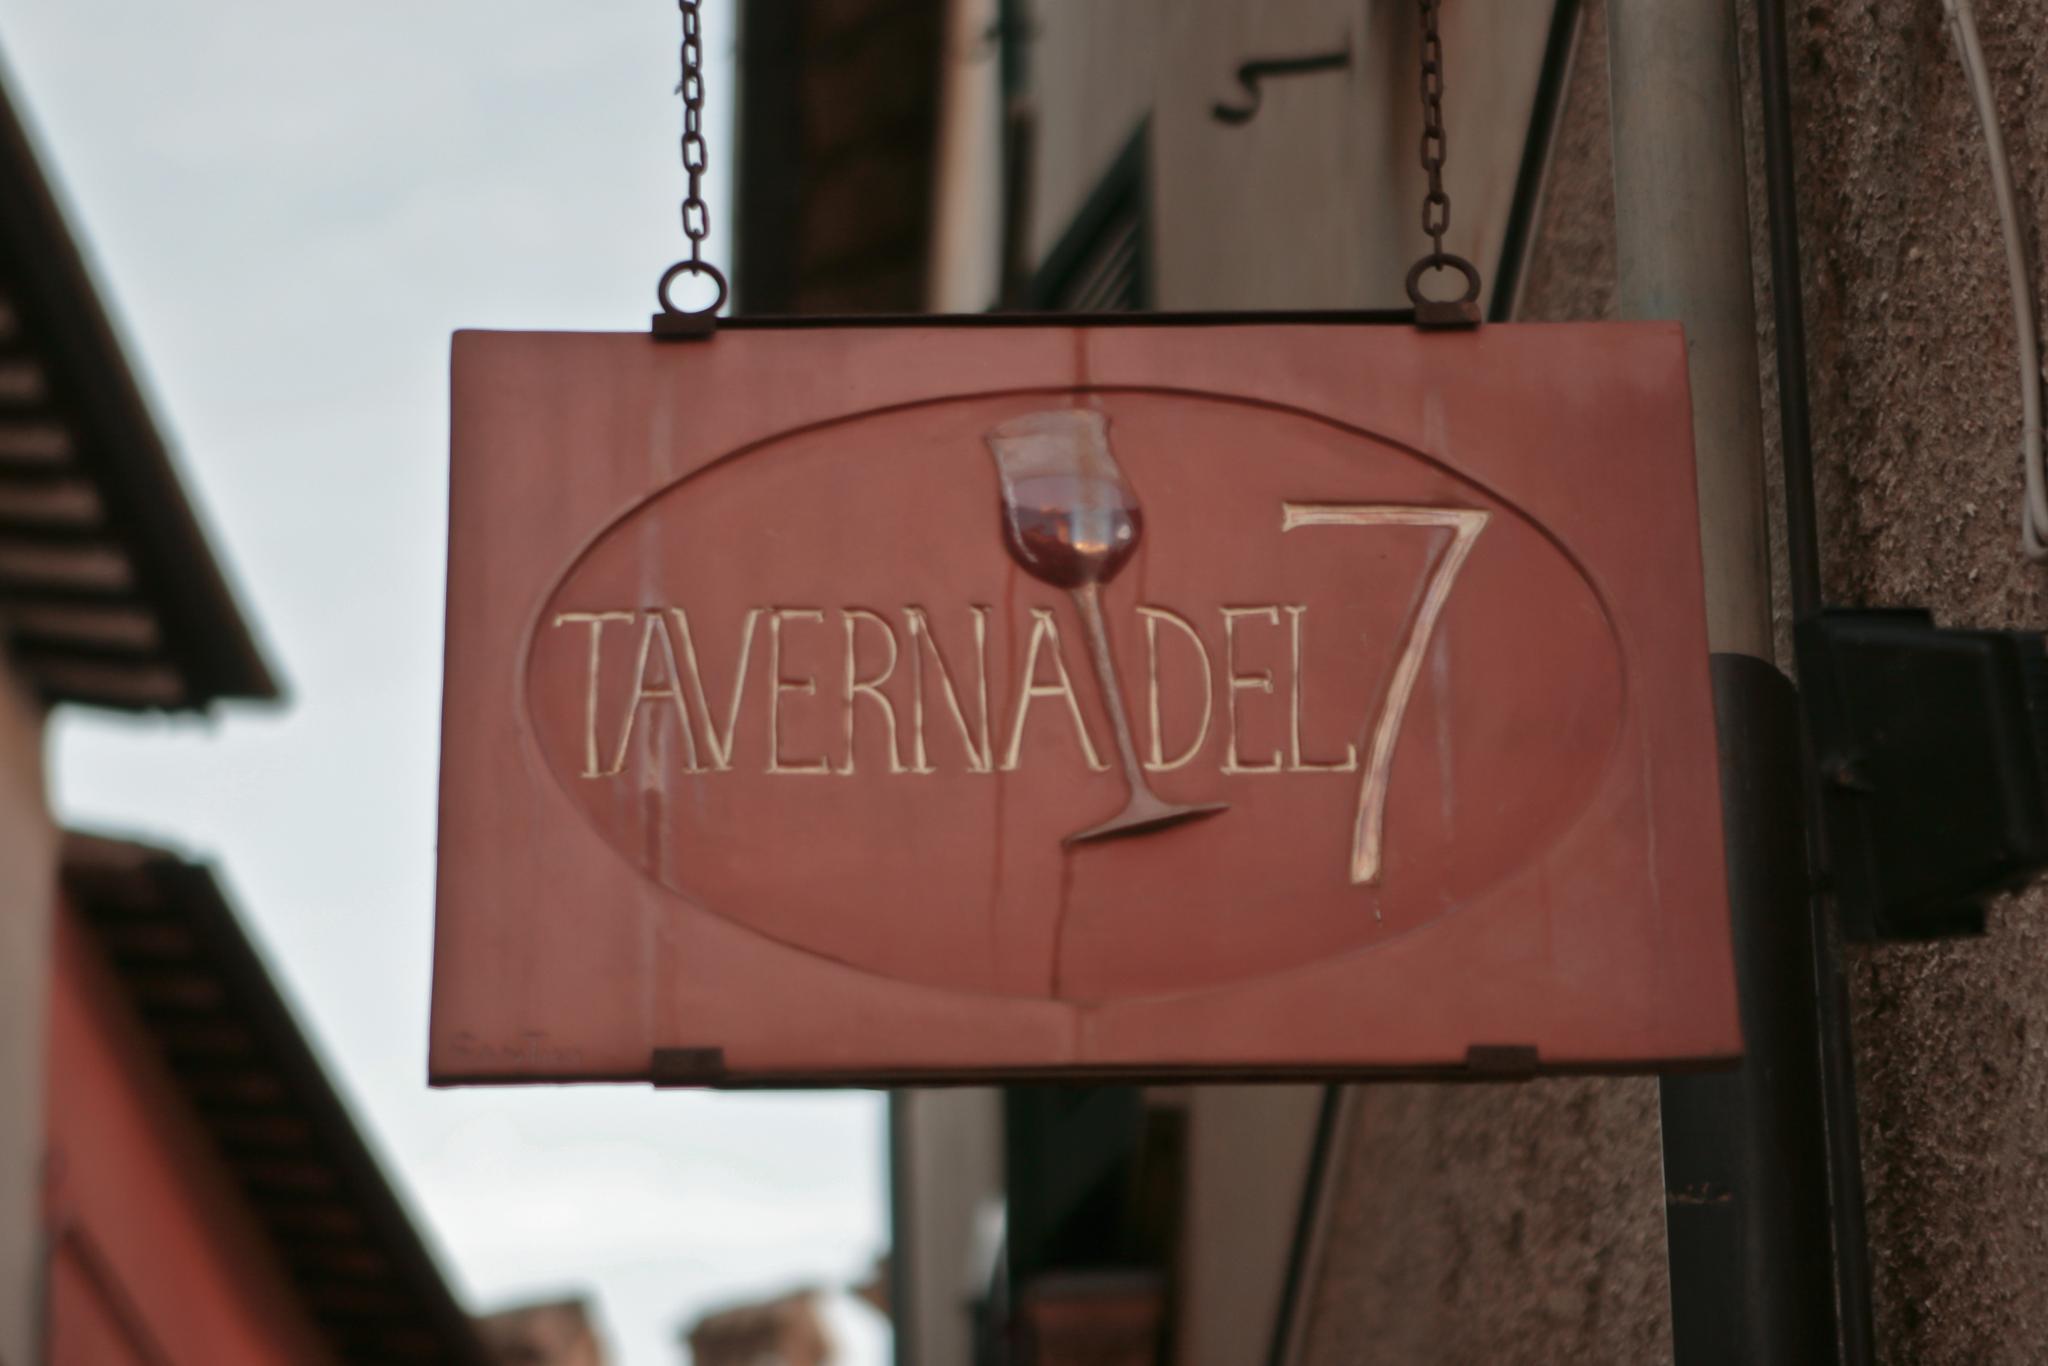 Trevi - Taverna del 7 by Giacomo72